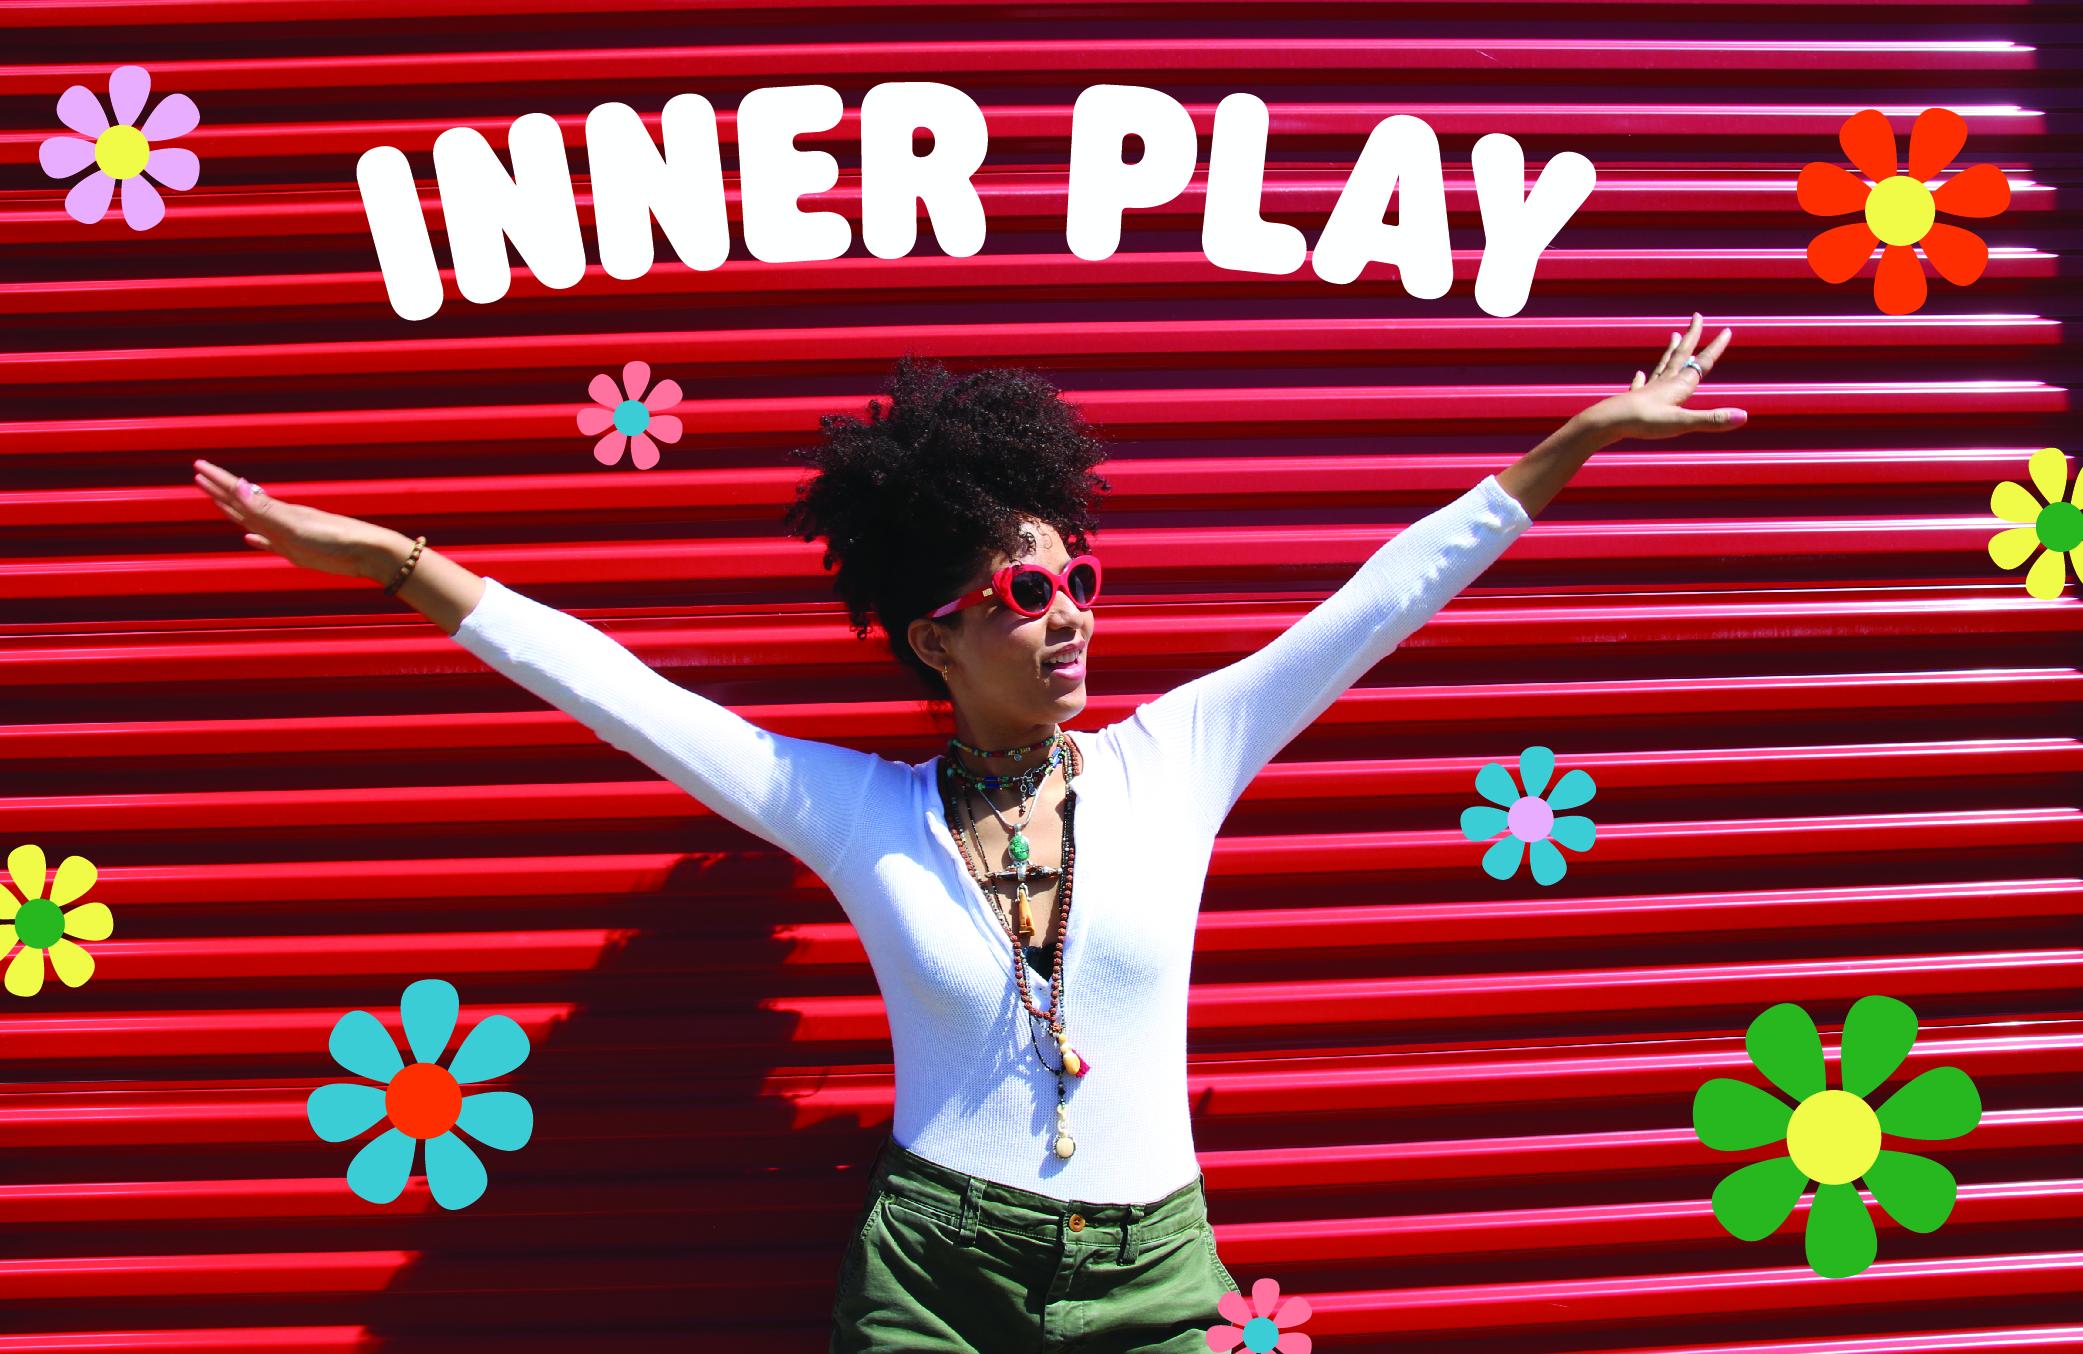 Image by Celene Carrara of Lenea Sims, Founder of Inner Play